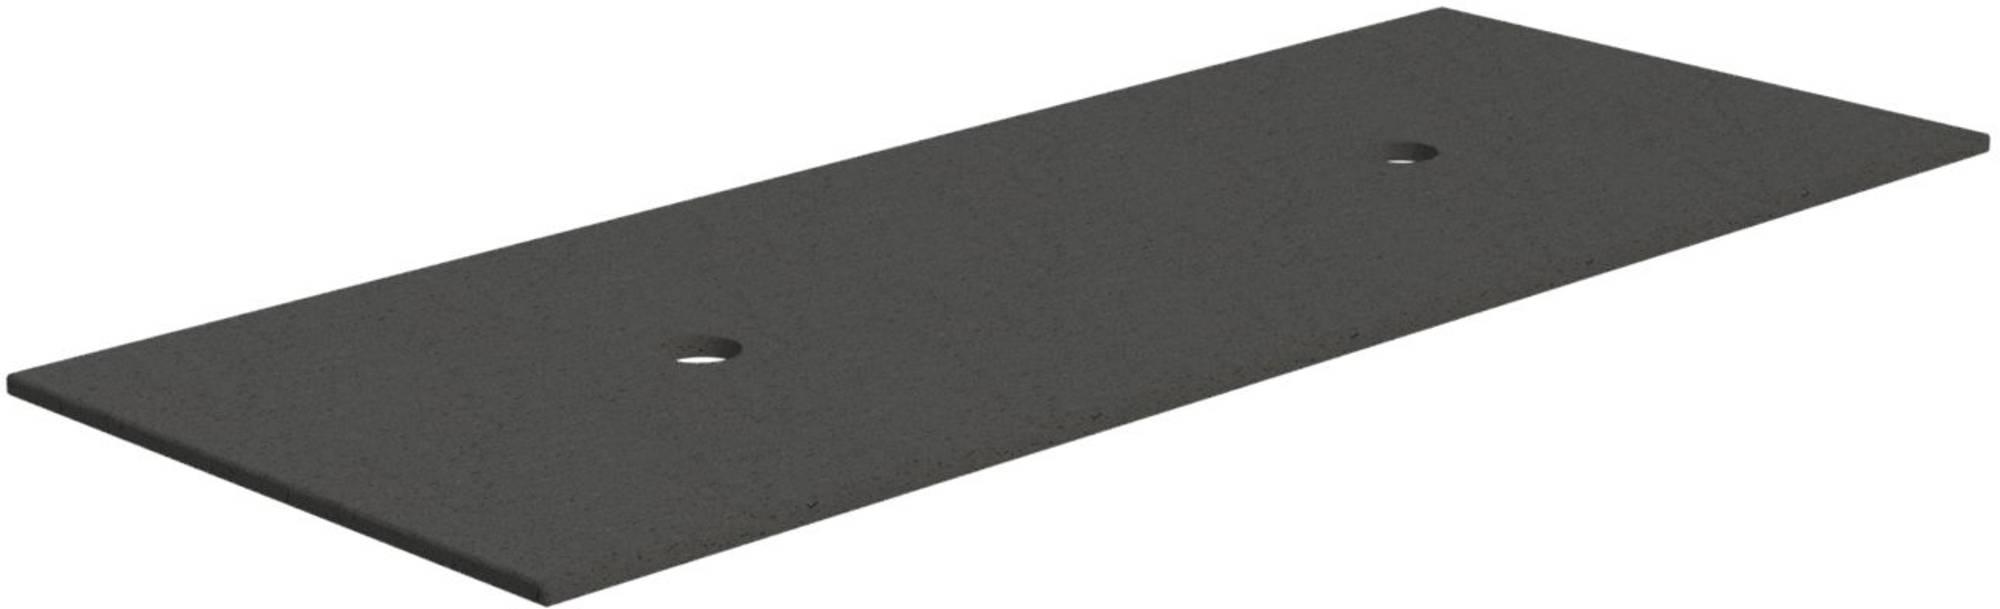 Thebalux Stone 3-5 Afdekblad Composiet 120x48,5x2 cm Ash Grain